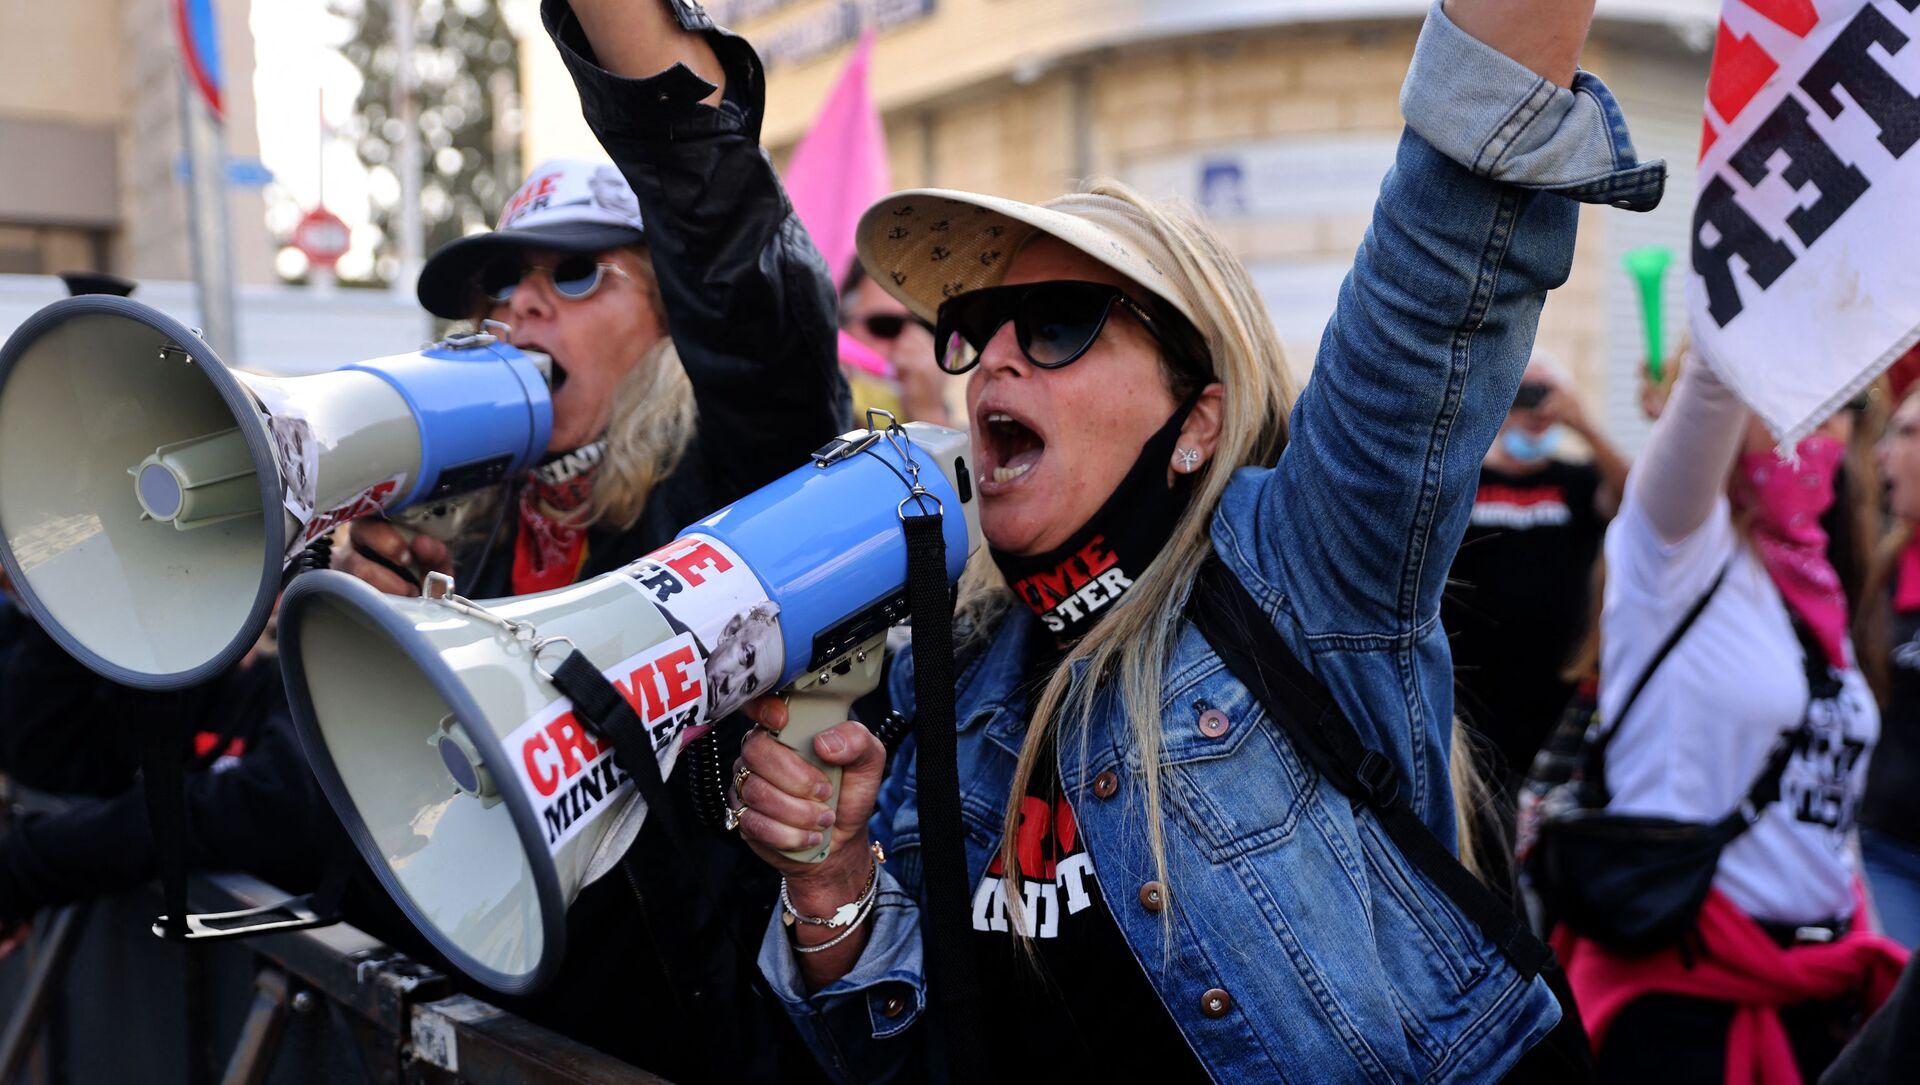 Le proteste contro Benyamin Netanyahu di fronte alla sede del tribunale distrettuale di Gerusalemme dove è in corso la udienza del processo - Sputnik Italia, 1920, 18.05.2021